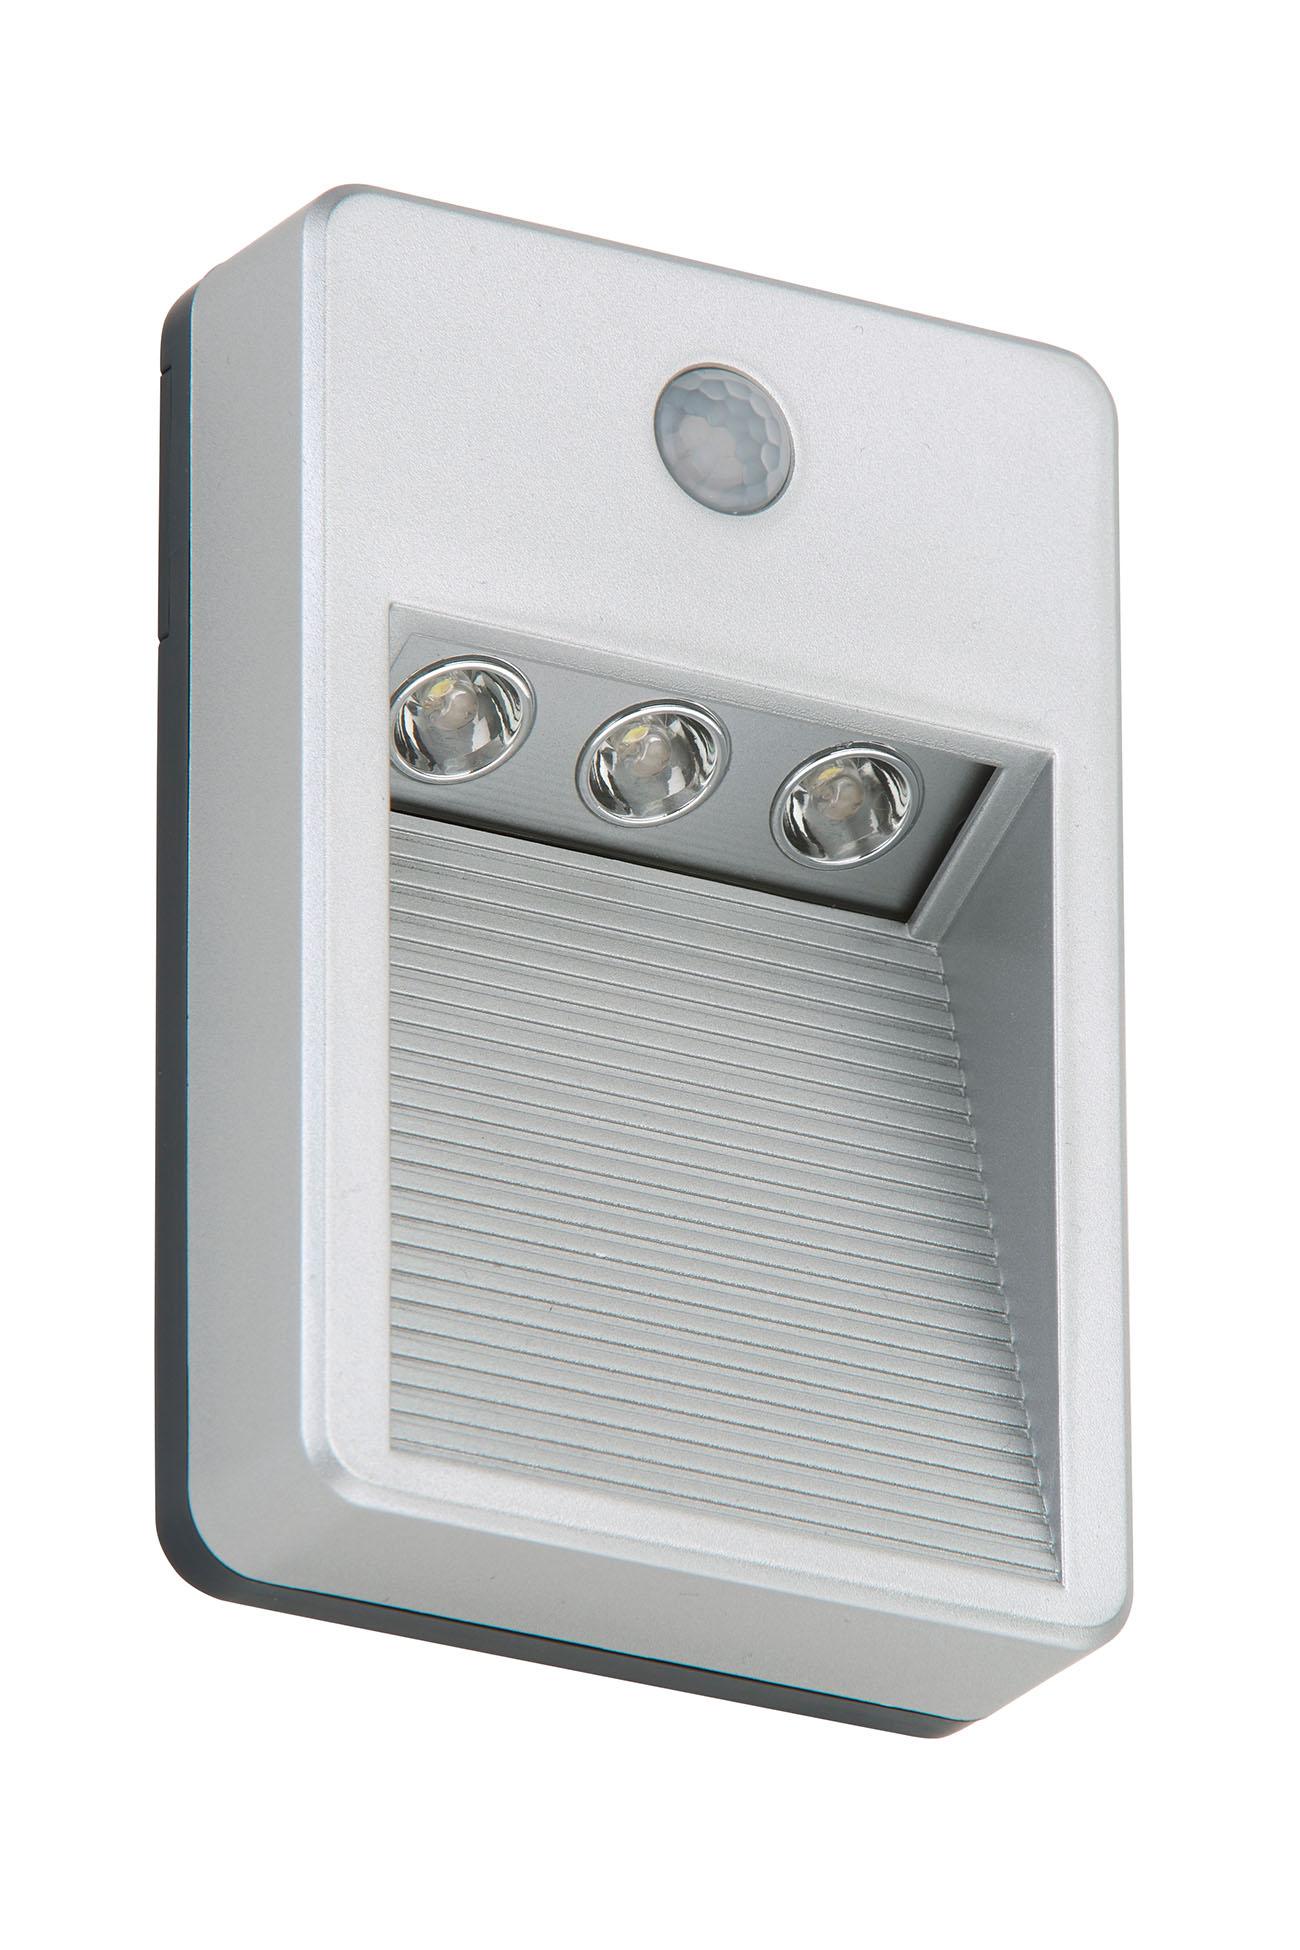 Sensor LED Außenleuchte, 8,5 cm, 0,18 W, Titan-Silber